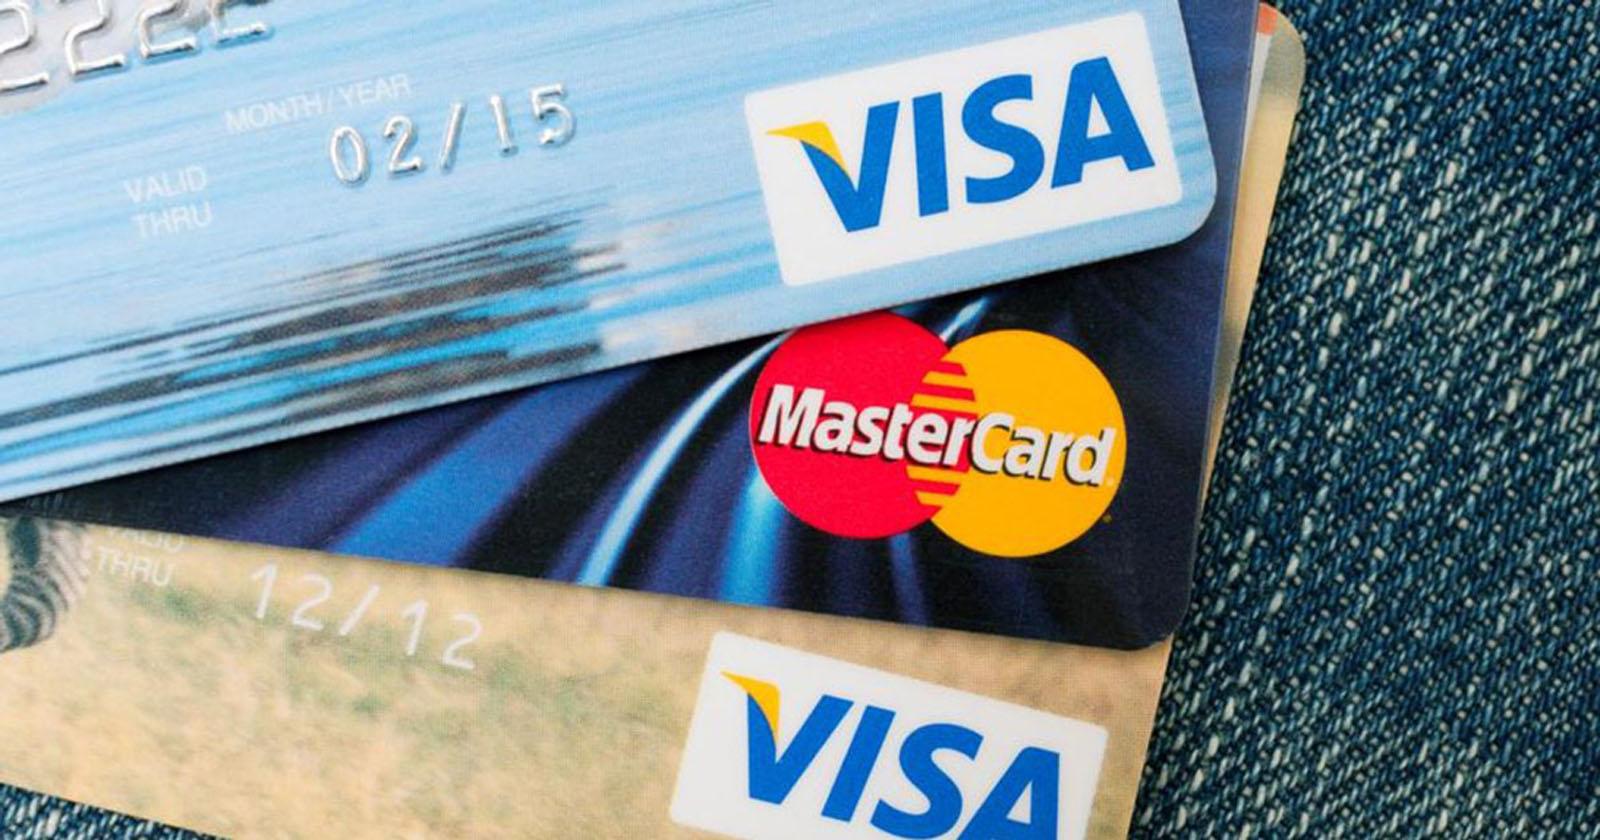 Loại thẻ có thể sử dụng để thanh toán cho Facebook